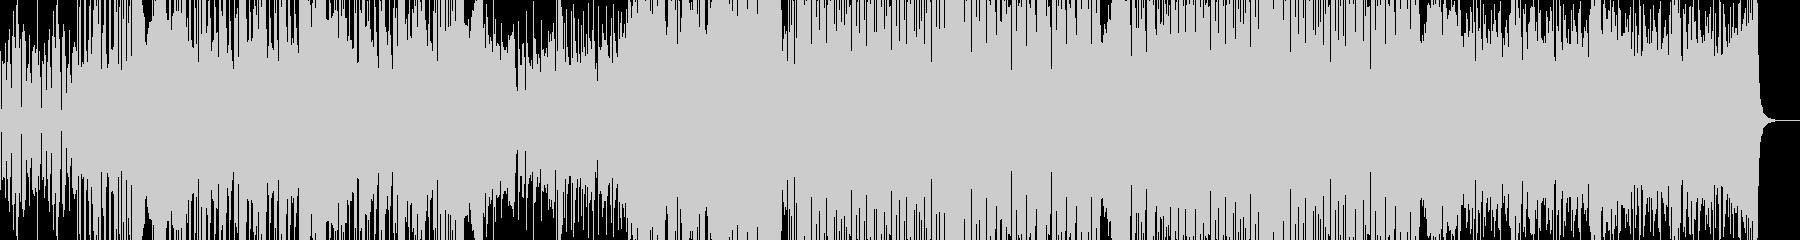 爽やかなピアノが目立つディスコの未再生の波形